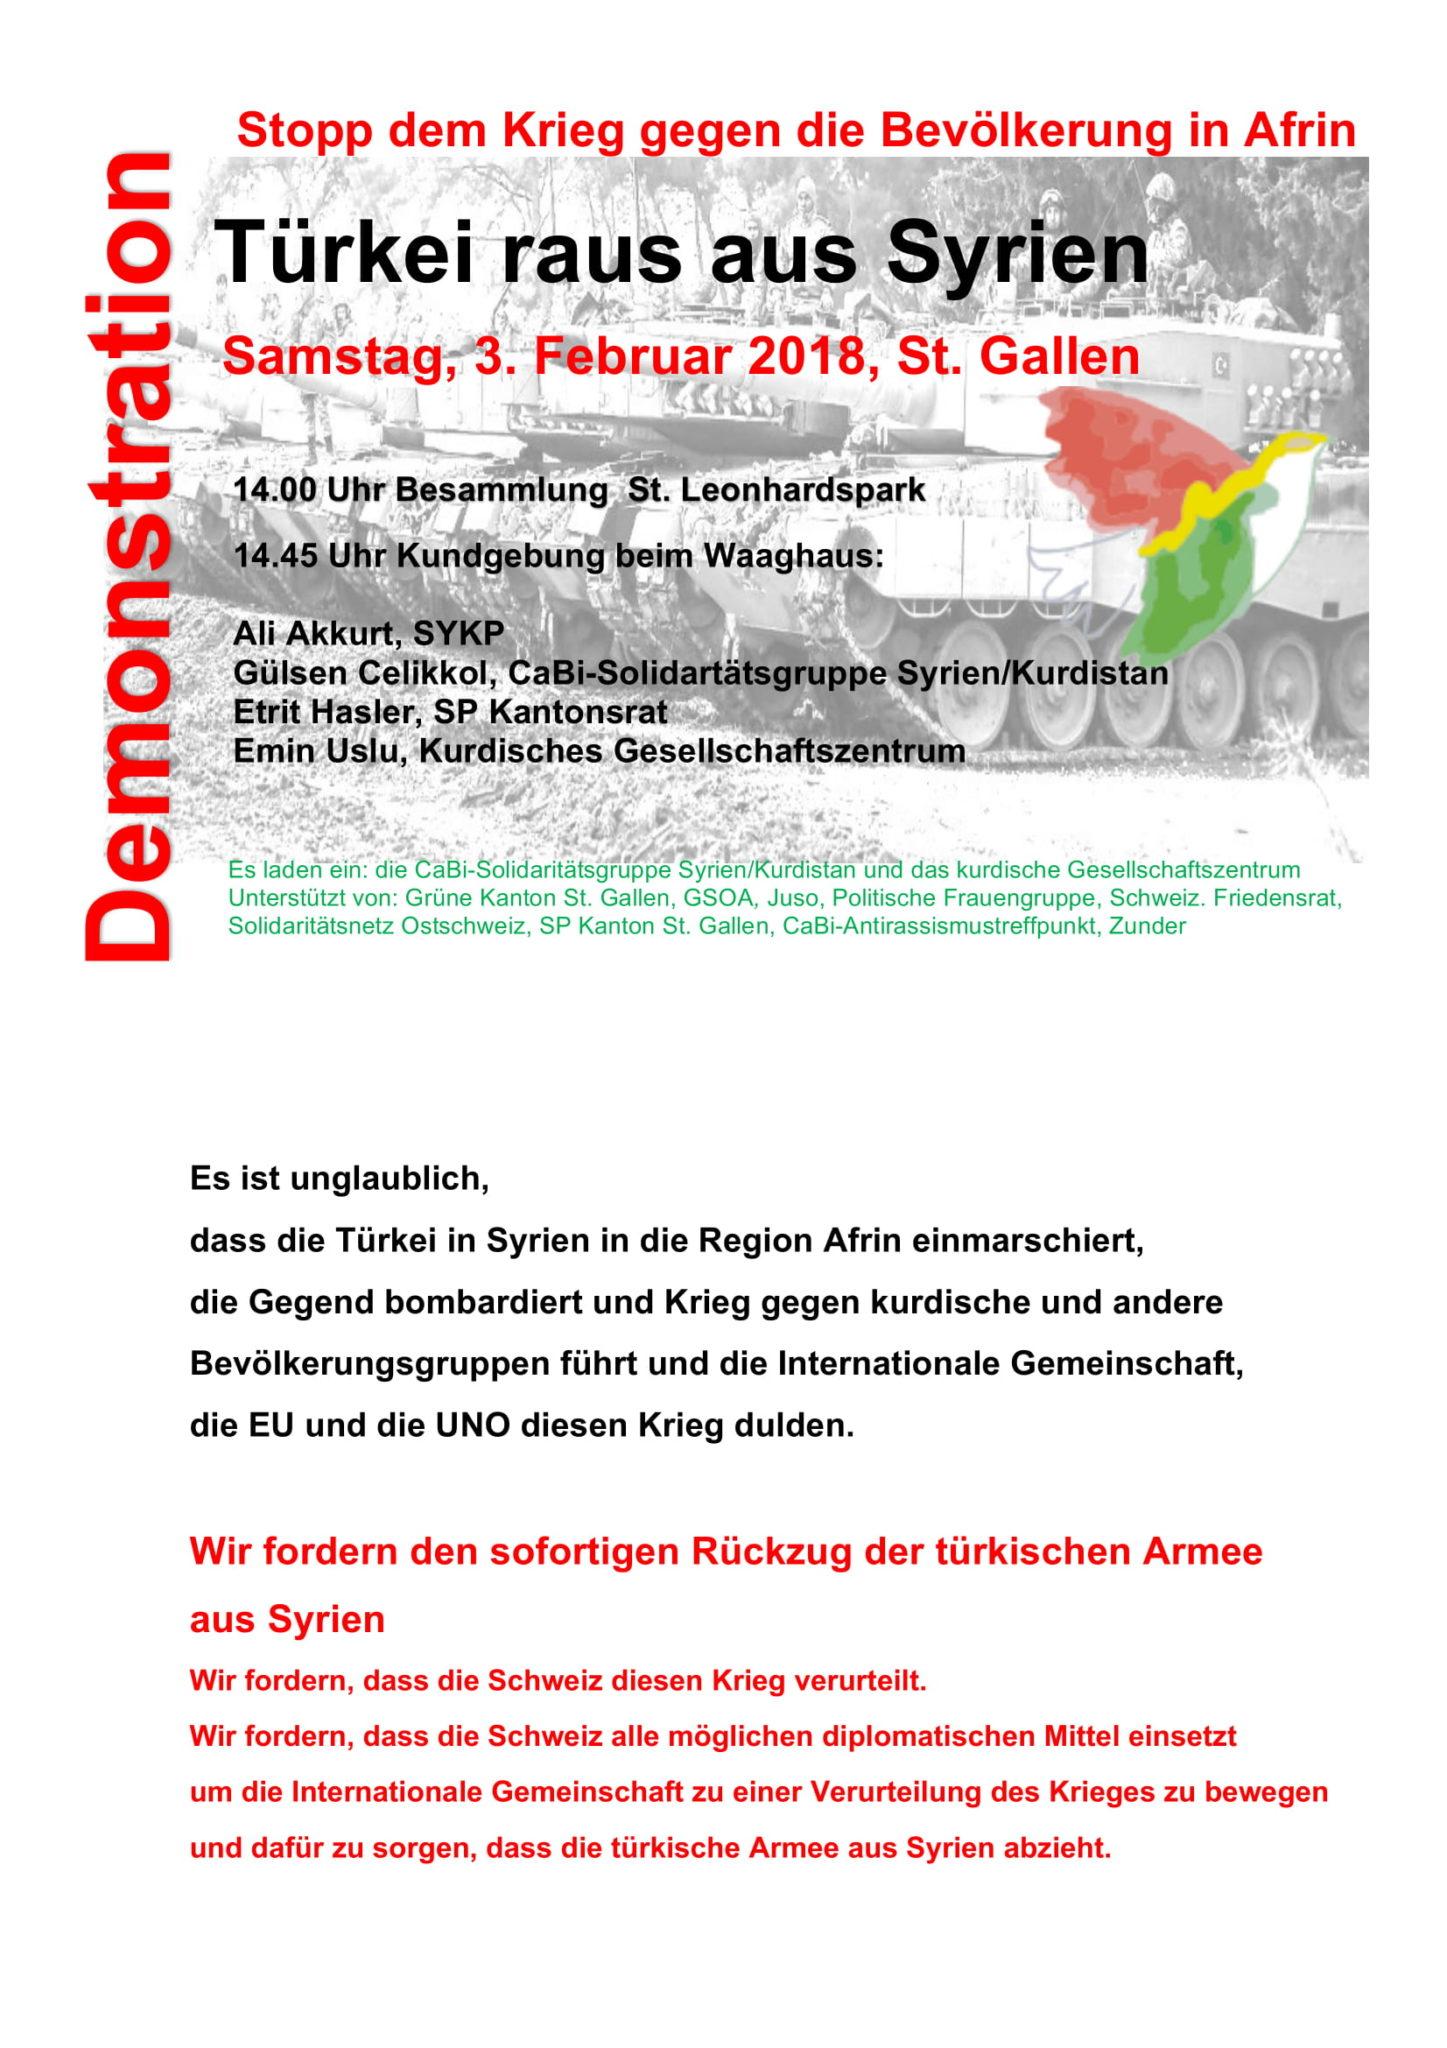 Demonstration: Türkei raus aus Syrien!